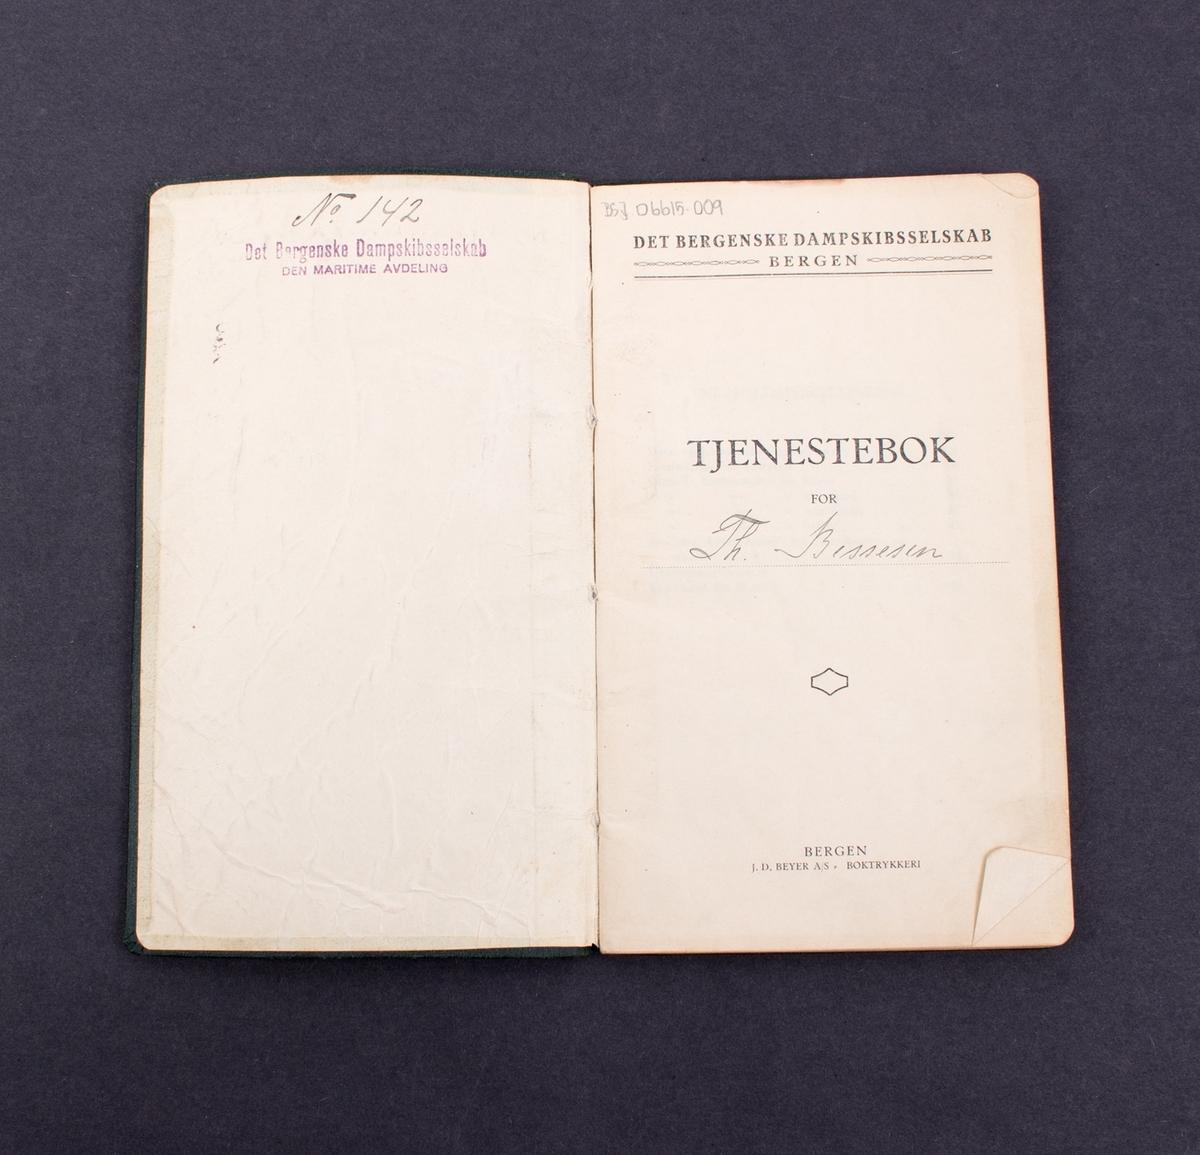 Tjenestebok tilhørende Theodor Leif Bessesen ansatt i Det Bergenske Dampskibsselskab 1. mars 1922